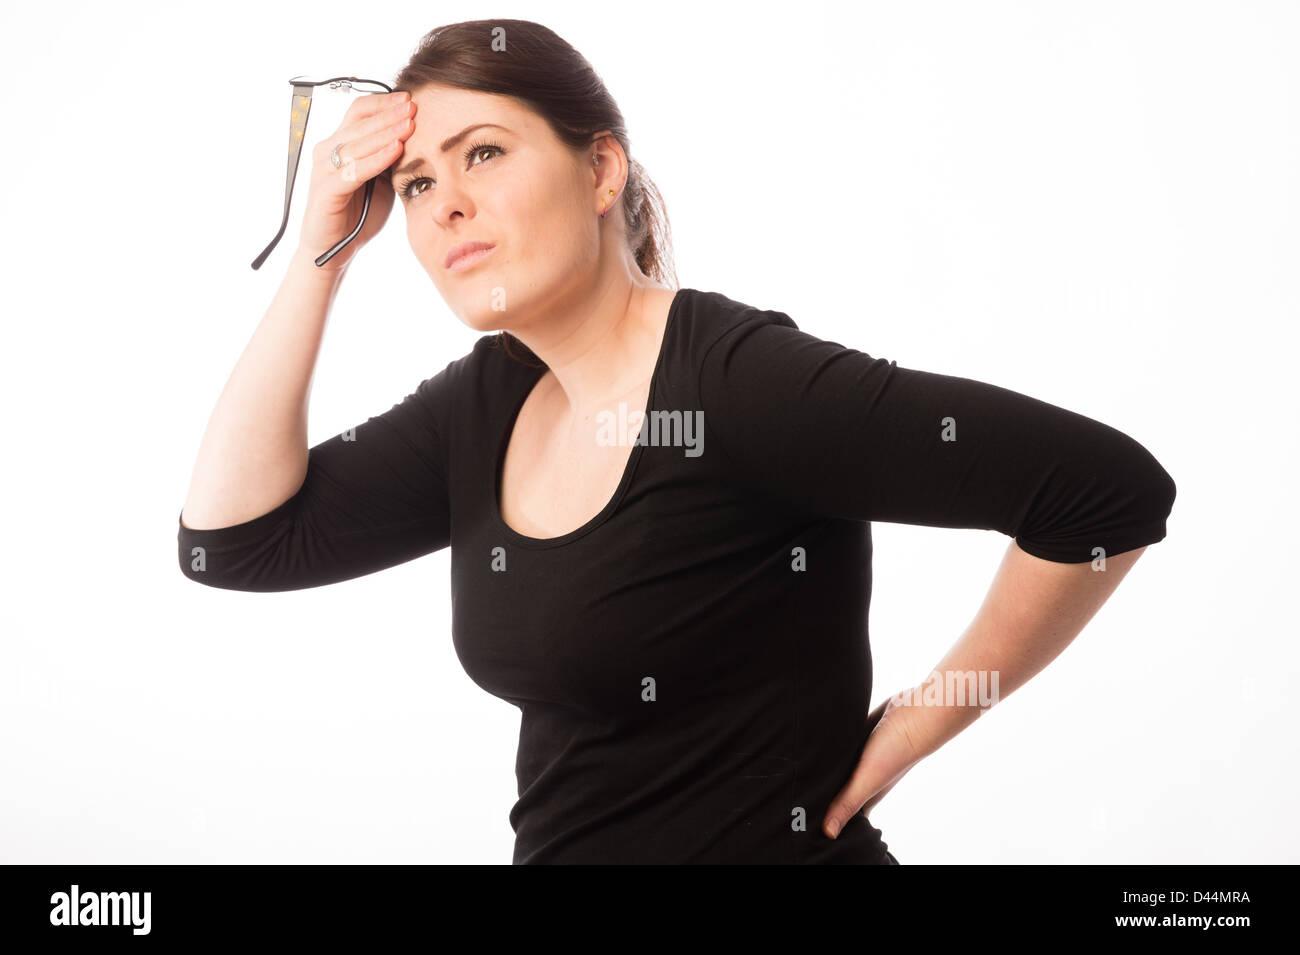 Une jeune femme, les cheveux bruns, souffrant de maux de dos, stress anxiété tension retrouvez, Royaume Photo Stock